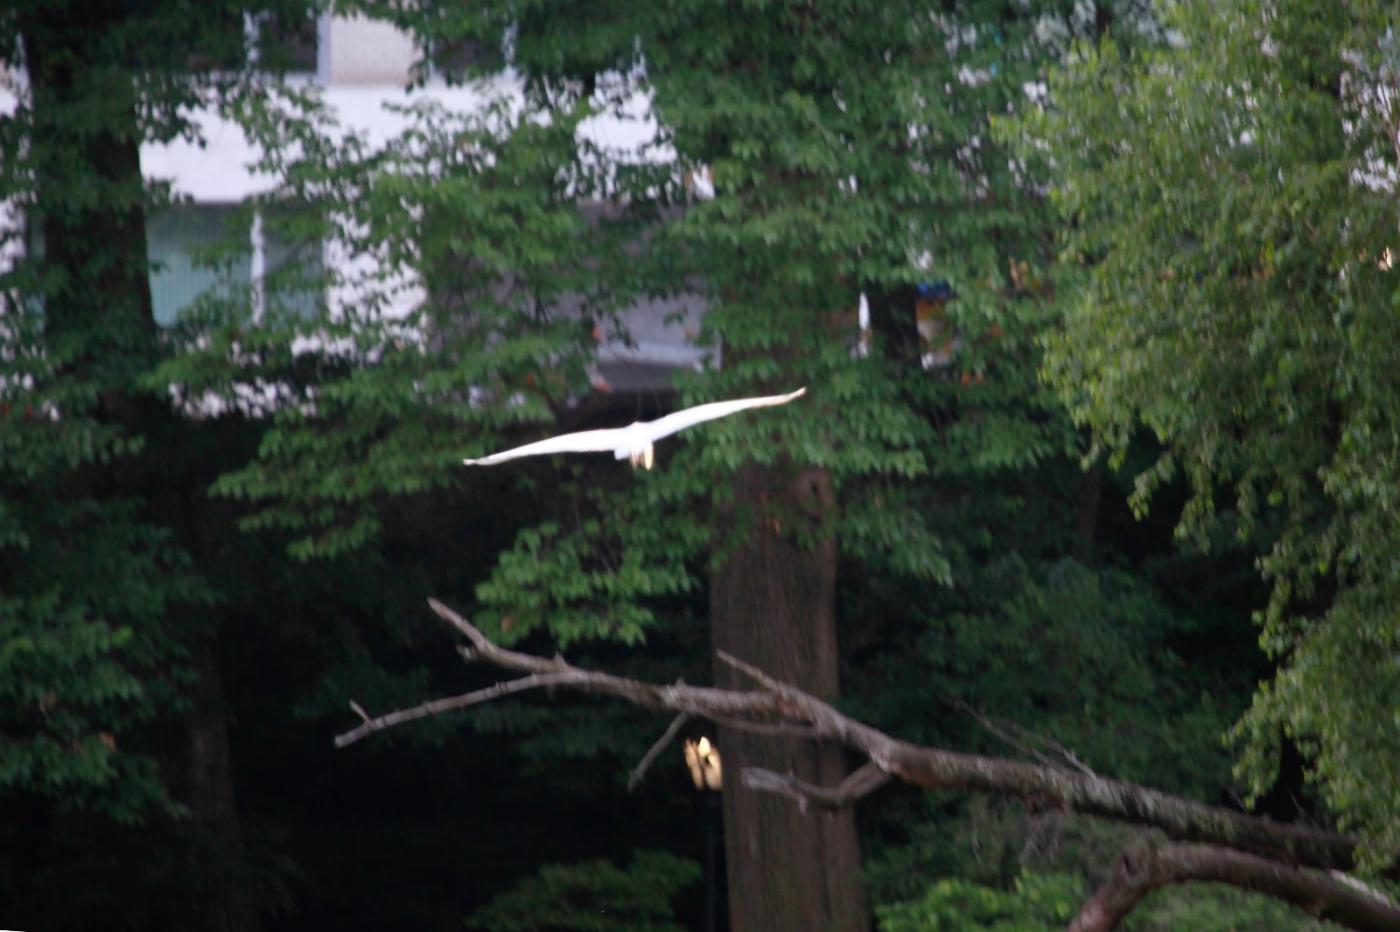 中央公园的白鹭,姿态优美,游客喜爱_图1-21